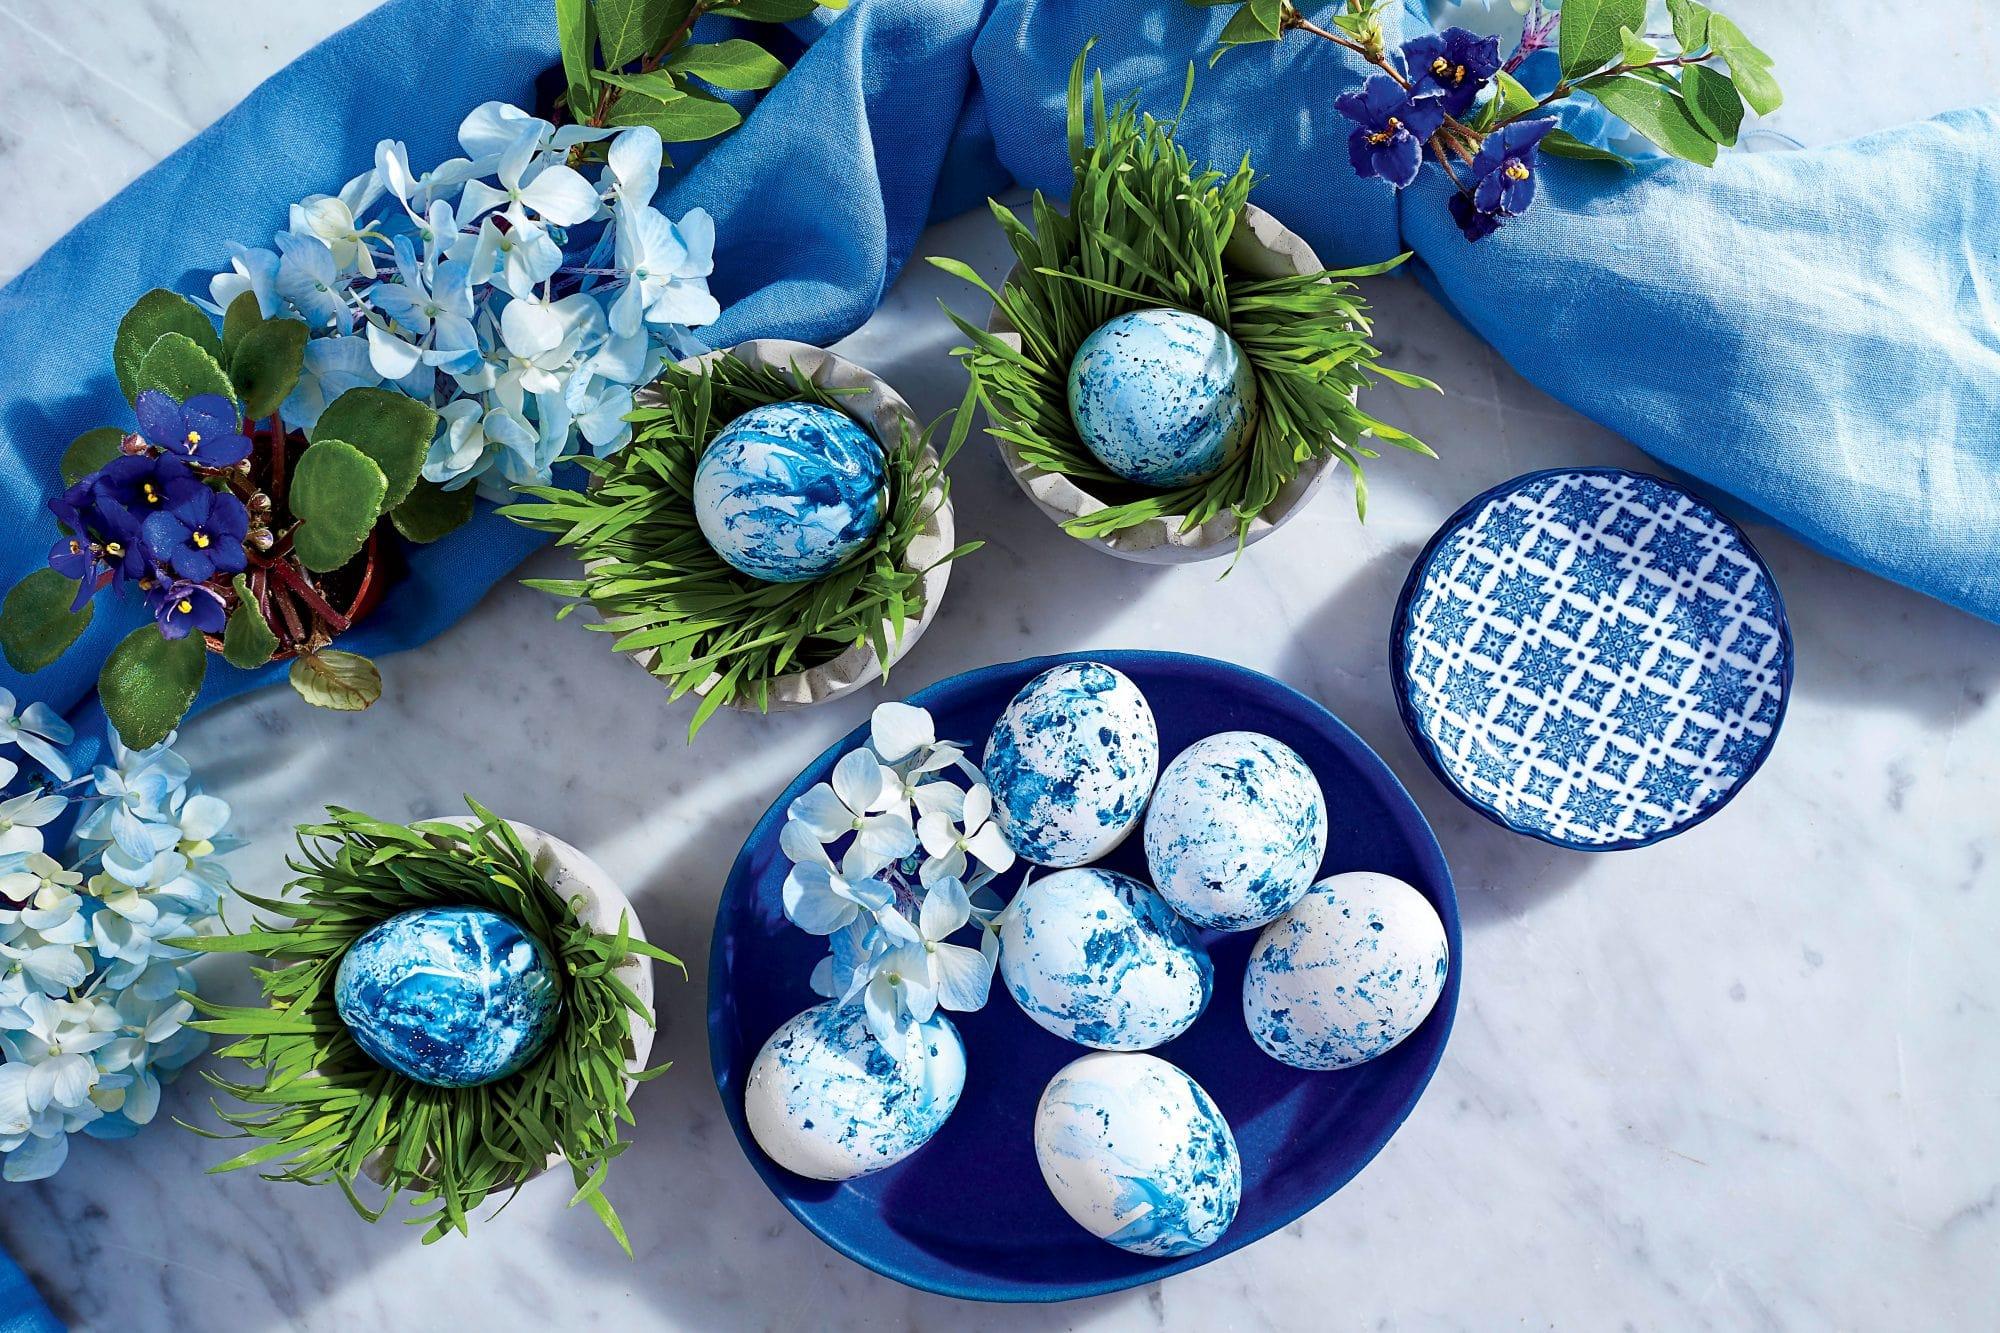 آبی کلاسیک و سفید